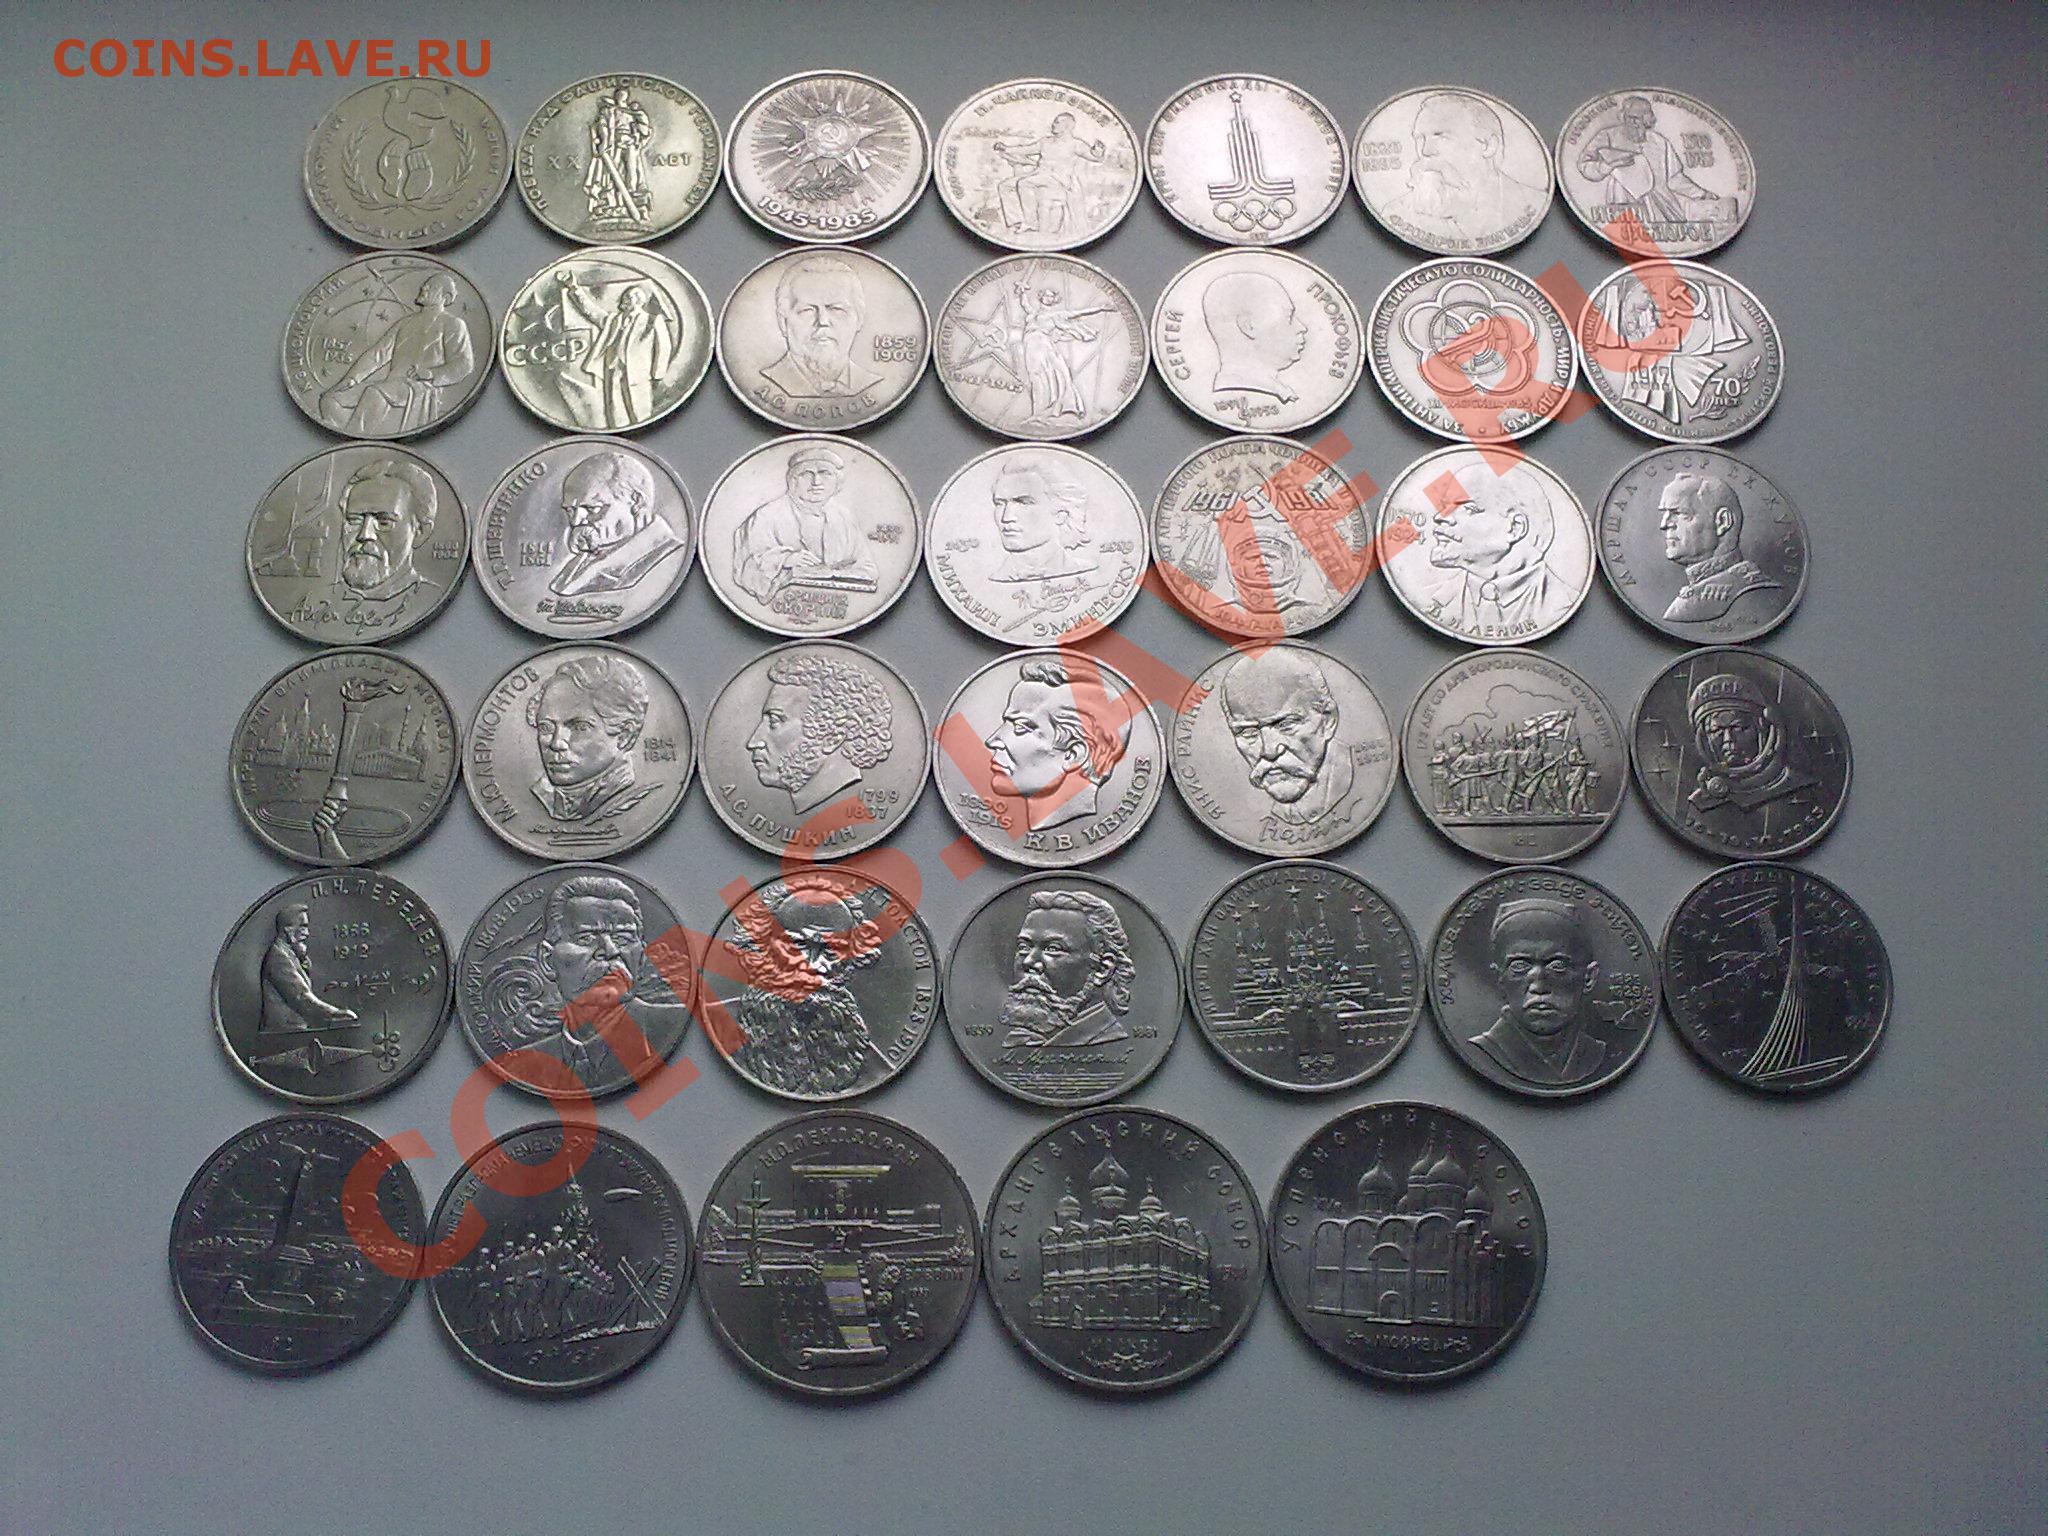 говорит, что фото советских юбилейных рублей таблица общество ограниченной